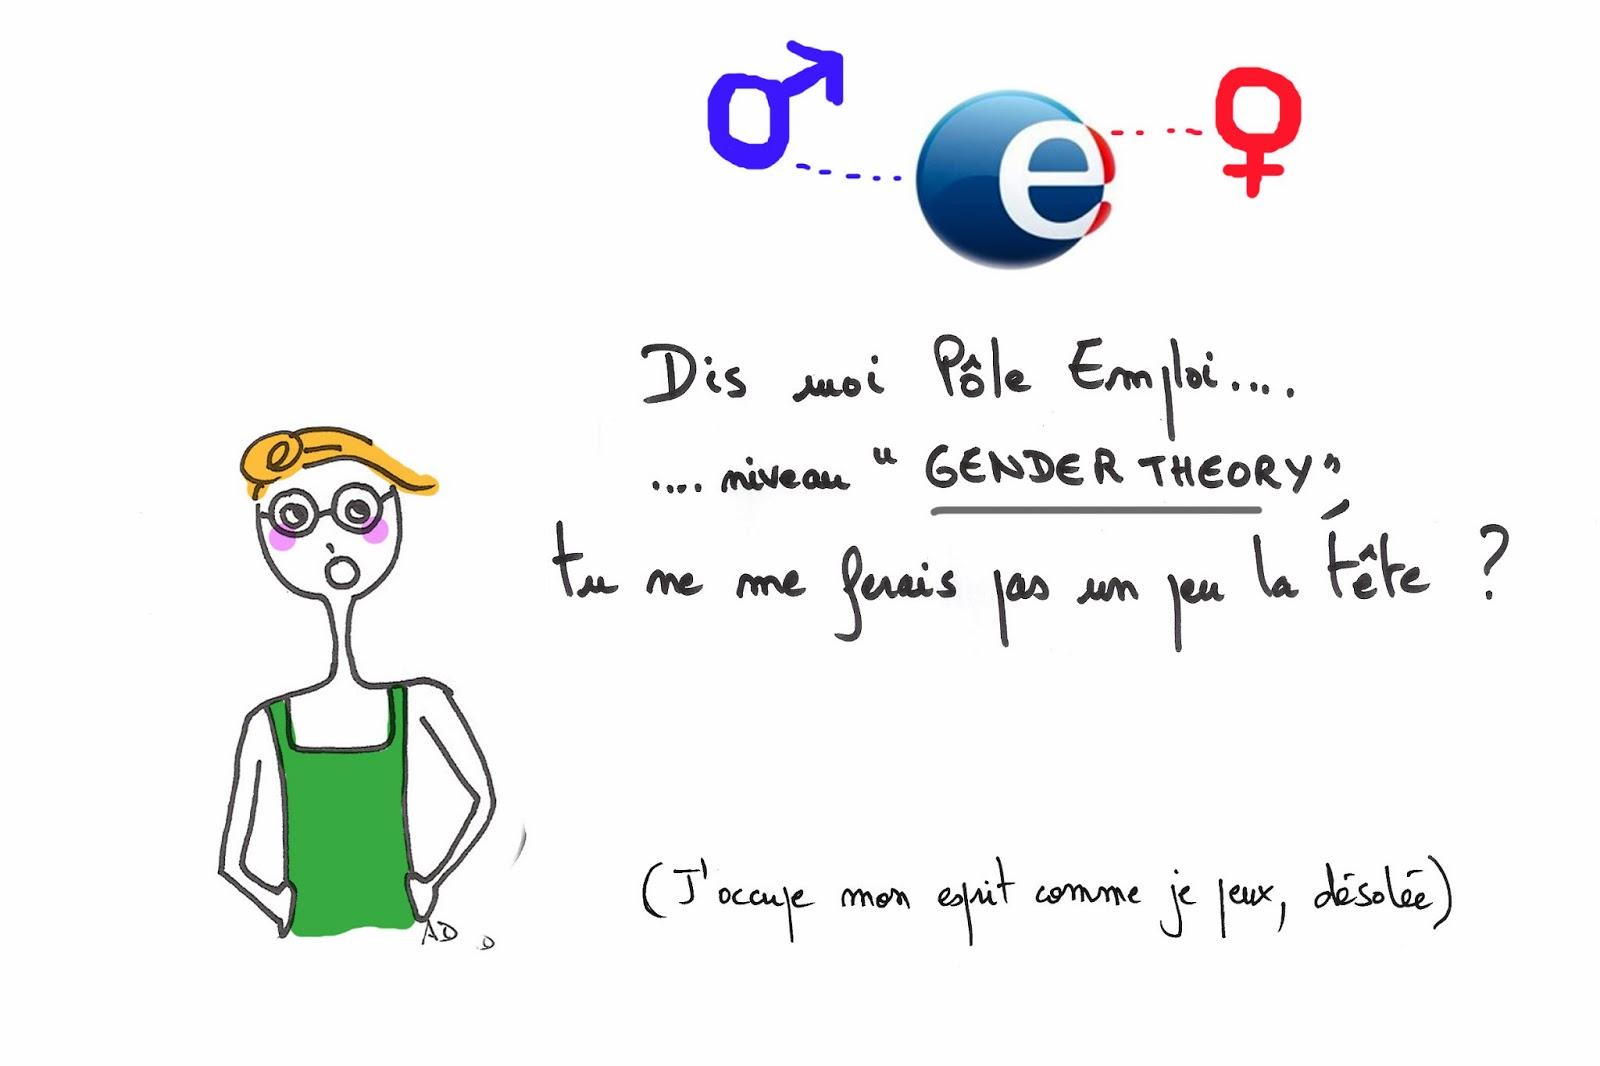 Gender théorie, chômage, pôle emploi, chômeuse